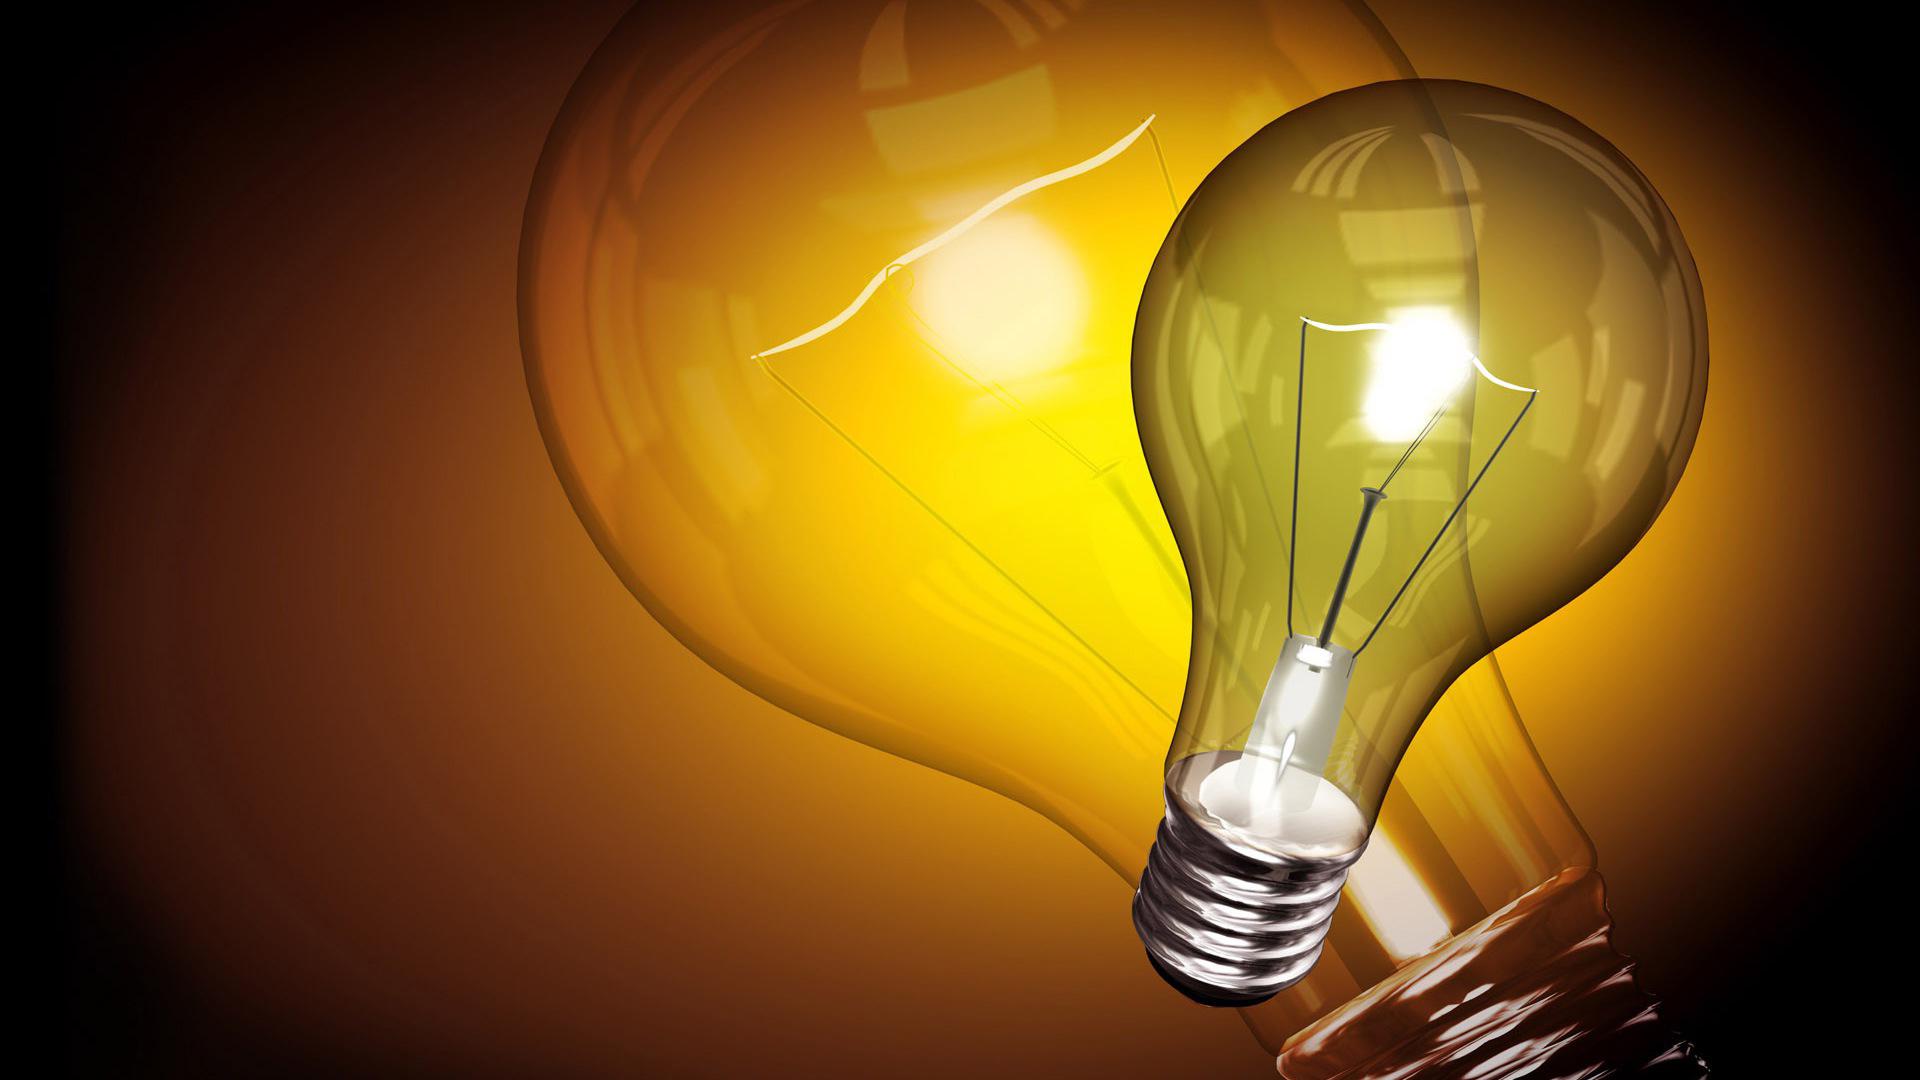 Обои лампочка, свет, цоколь. Разное foto 9